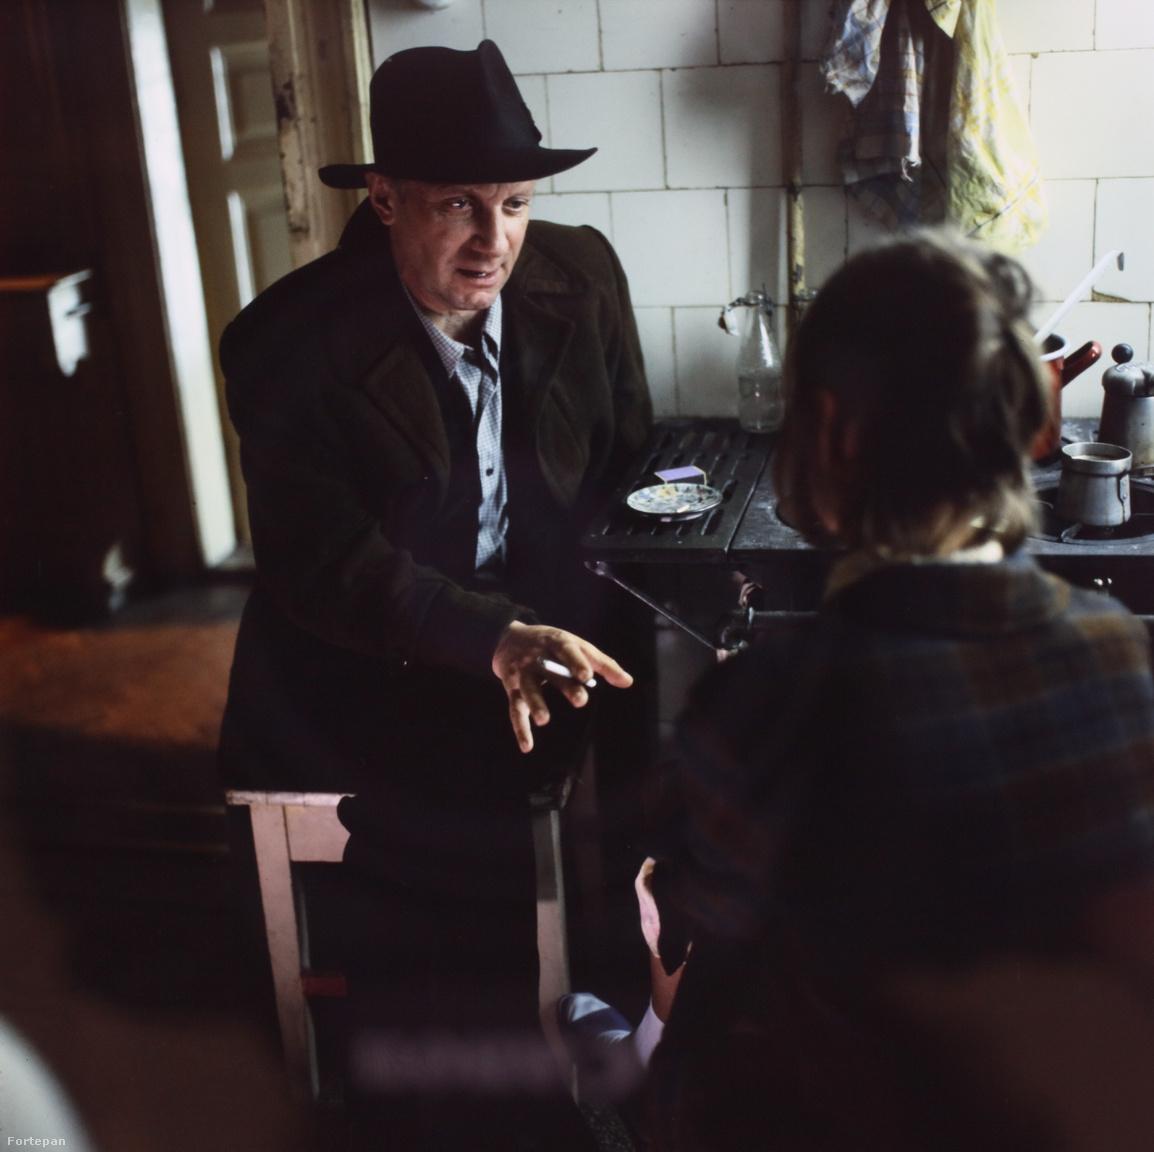 A film két generáció kudarcait mutatja be. Köves István és Bodor László 1956-ban harcoltak a forradalomban, de Bodort lecsukták, Köves pedig külföldre menekült. Felesége nem akar vele tartani, a két gyerekkel Budapesten marad.A sztori 1963. november 5-én, a forradalom leverésének 7. évfordulóján folytatódik. Köves Gábor és öccse, Dini látja, hogyan igazodik a kommunista diktatúrához az anyja és a börtönből szabadult Bodor, aki még a pártba is belép. A két srác gimnazistaként nézi végig a rendszer hazugságait, ellentmondásait, hogy aztán végül ők is belesimuljanak a rezsimbe. Van ugyan egy ellenpont, a lázadó, a hatalommal vakmerően szembeszálló Pierre személyében, aki végül a disszidálás mellett dönt.